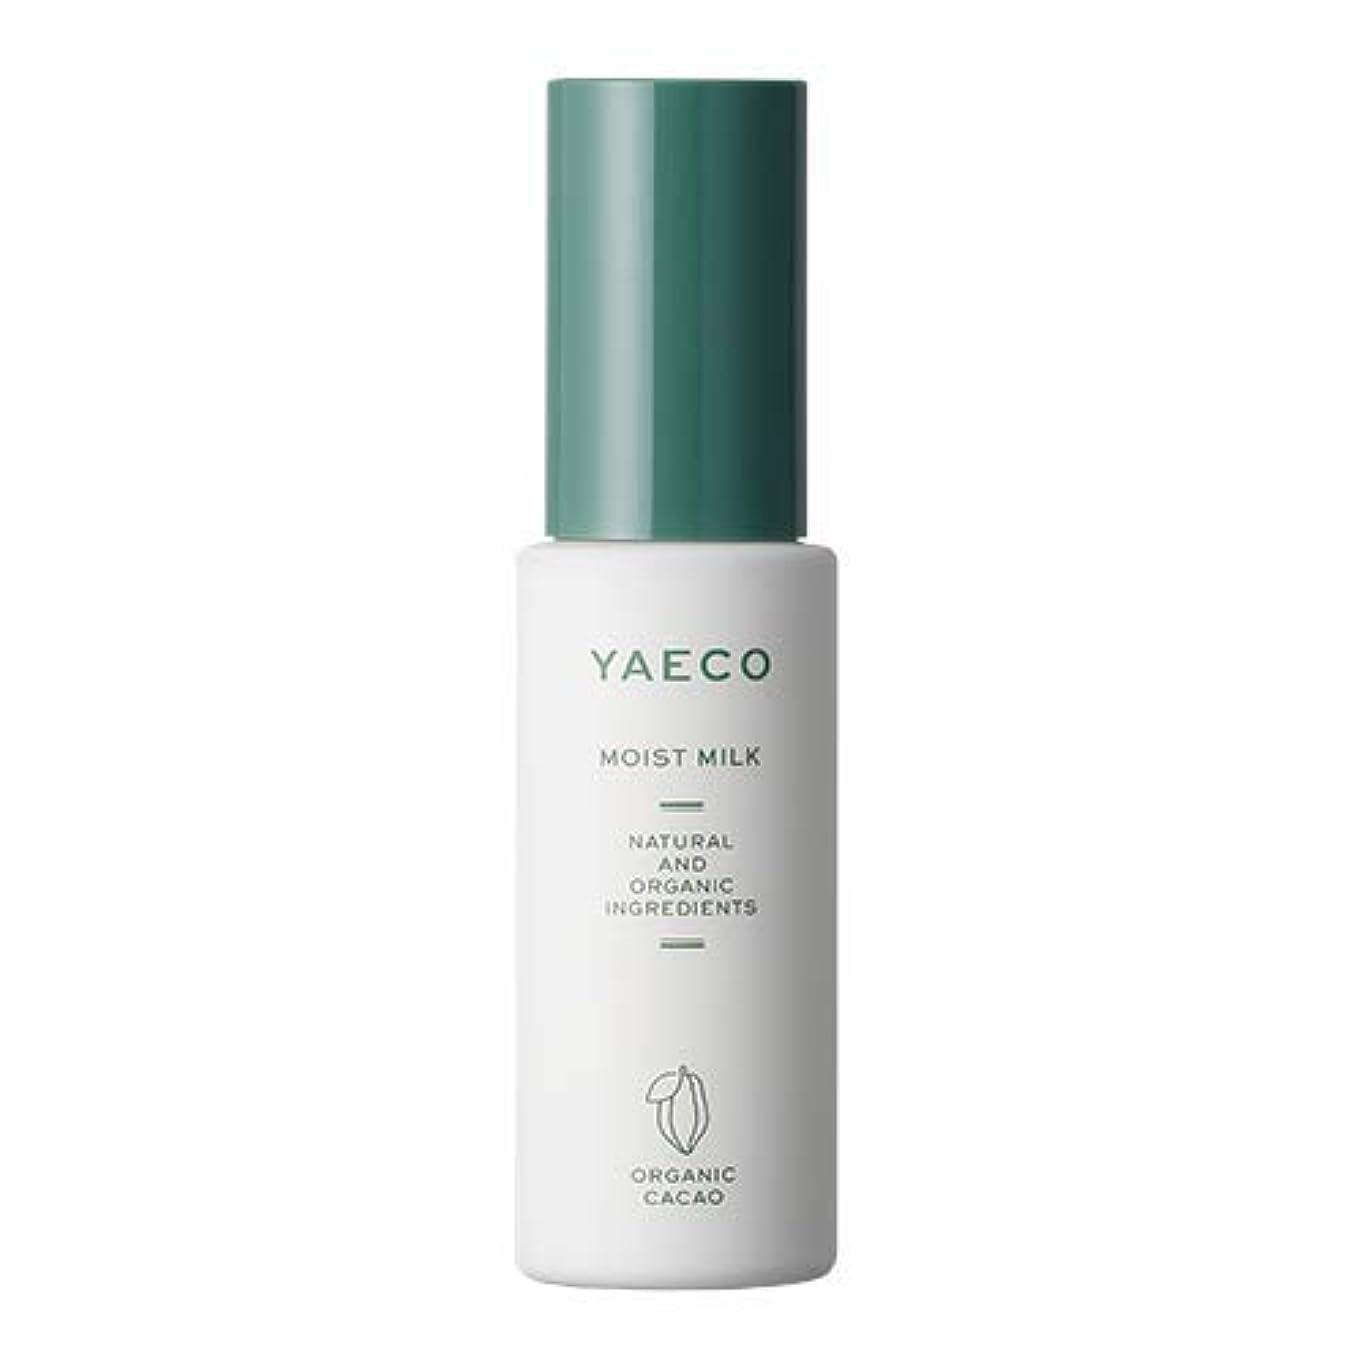 器官前進尊敬するYAECO(ヤエコ)オーガニックカカオモイストミルク 50ml